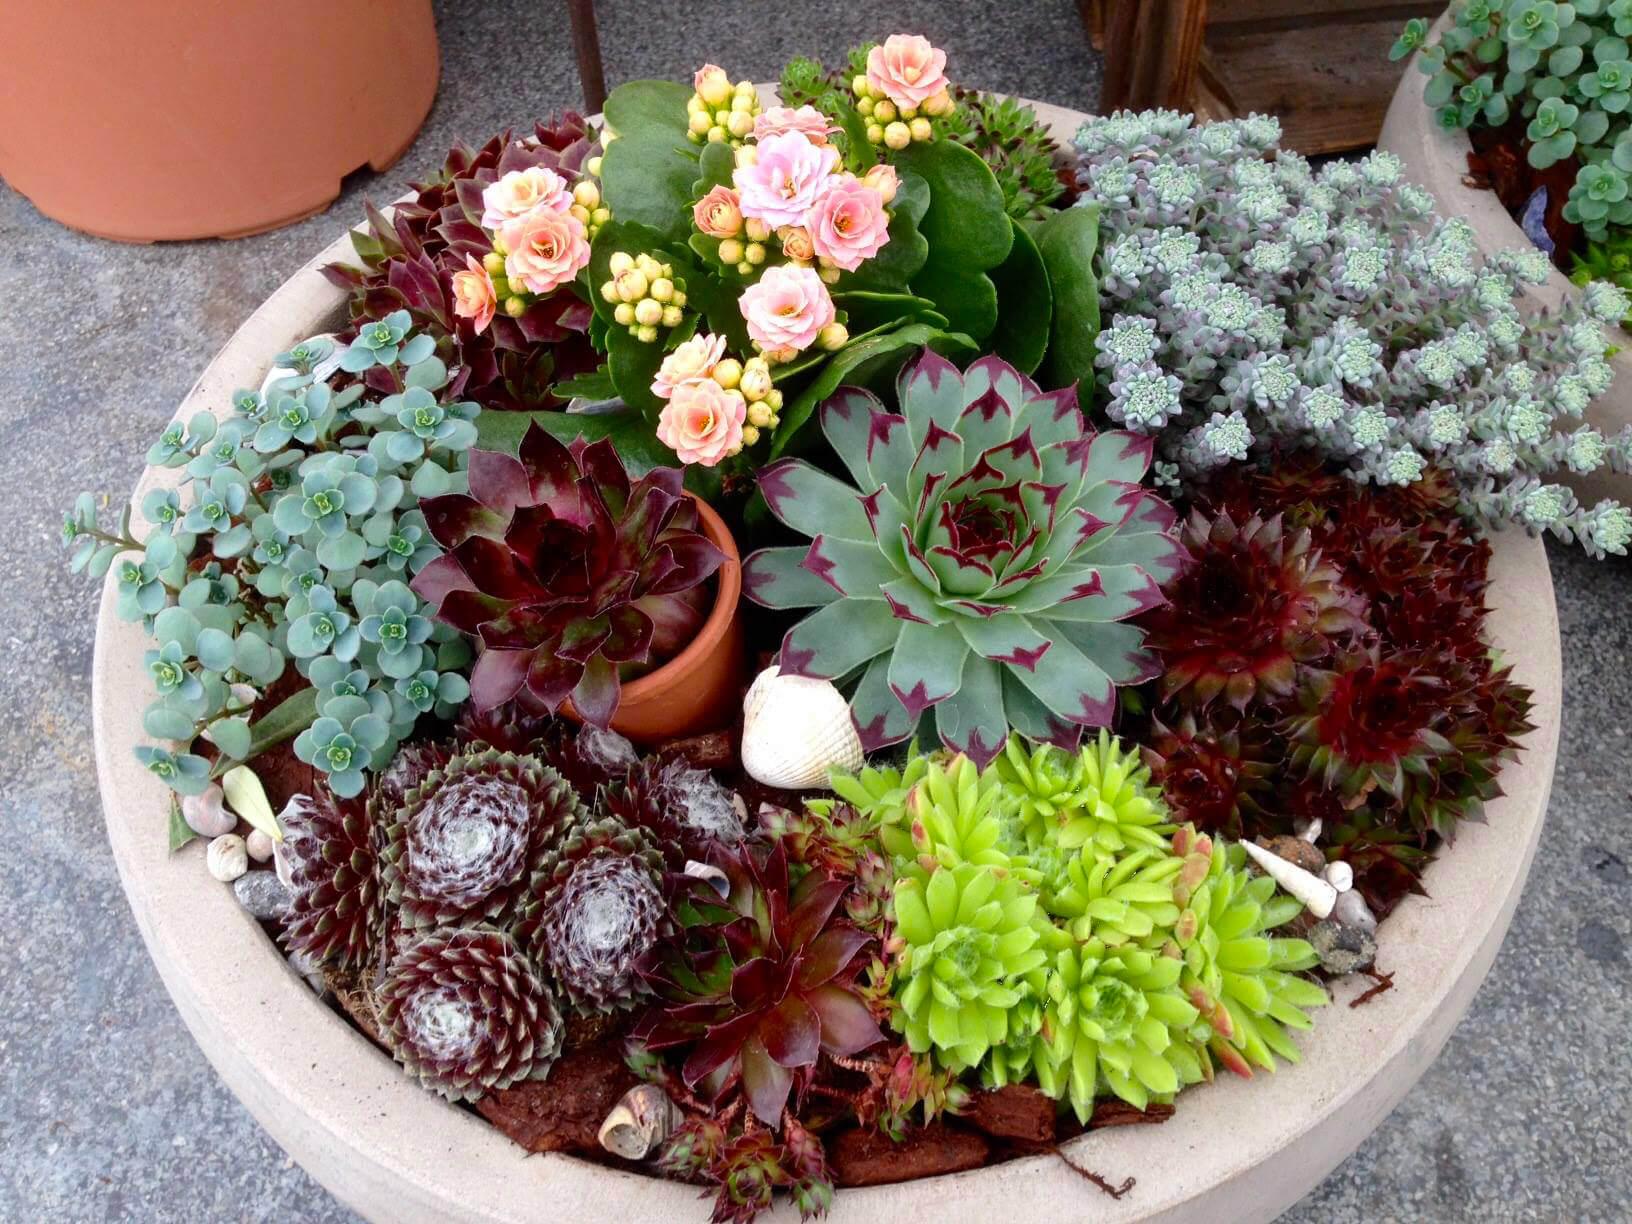 Här är en plantering som kommer att vara fin länge. Alla dessa växter har tjocka blad och tål torka bra. Det är taklökar i grönt, rött och lime samt en calandiva i rosa. Allt är planterat i en låg betongskål.